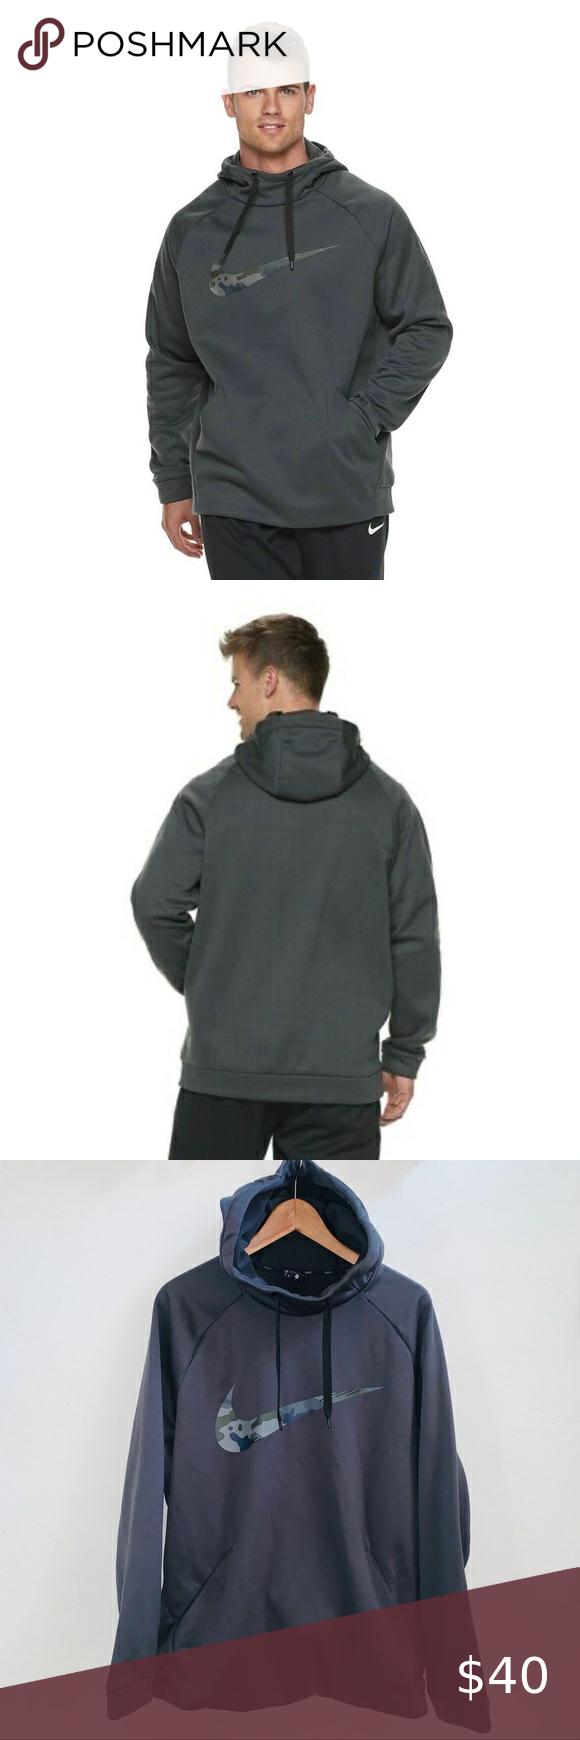 Nike Camo Men S Therma Pullover Hoodie Xl Pullover Hoodie Hoodies Sweatshirt Shirt [ 1740 x 580 Pixel ]